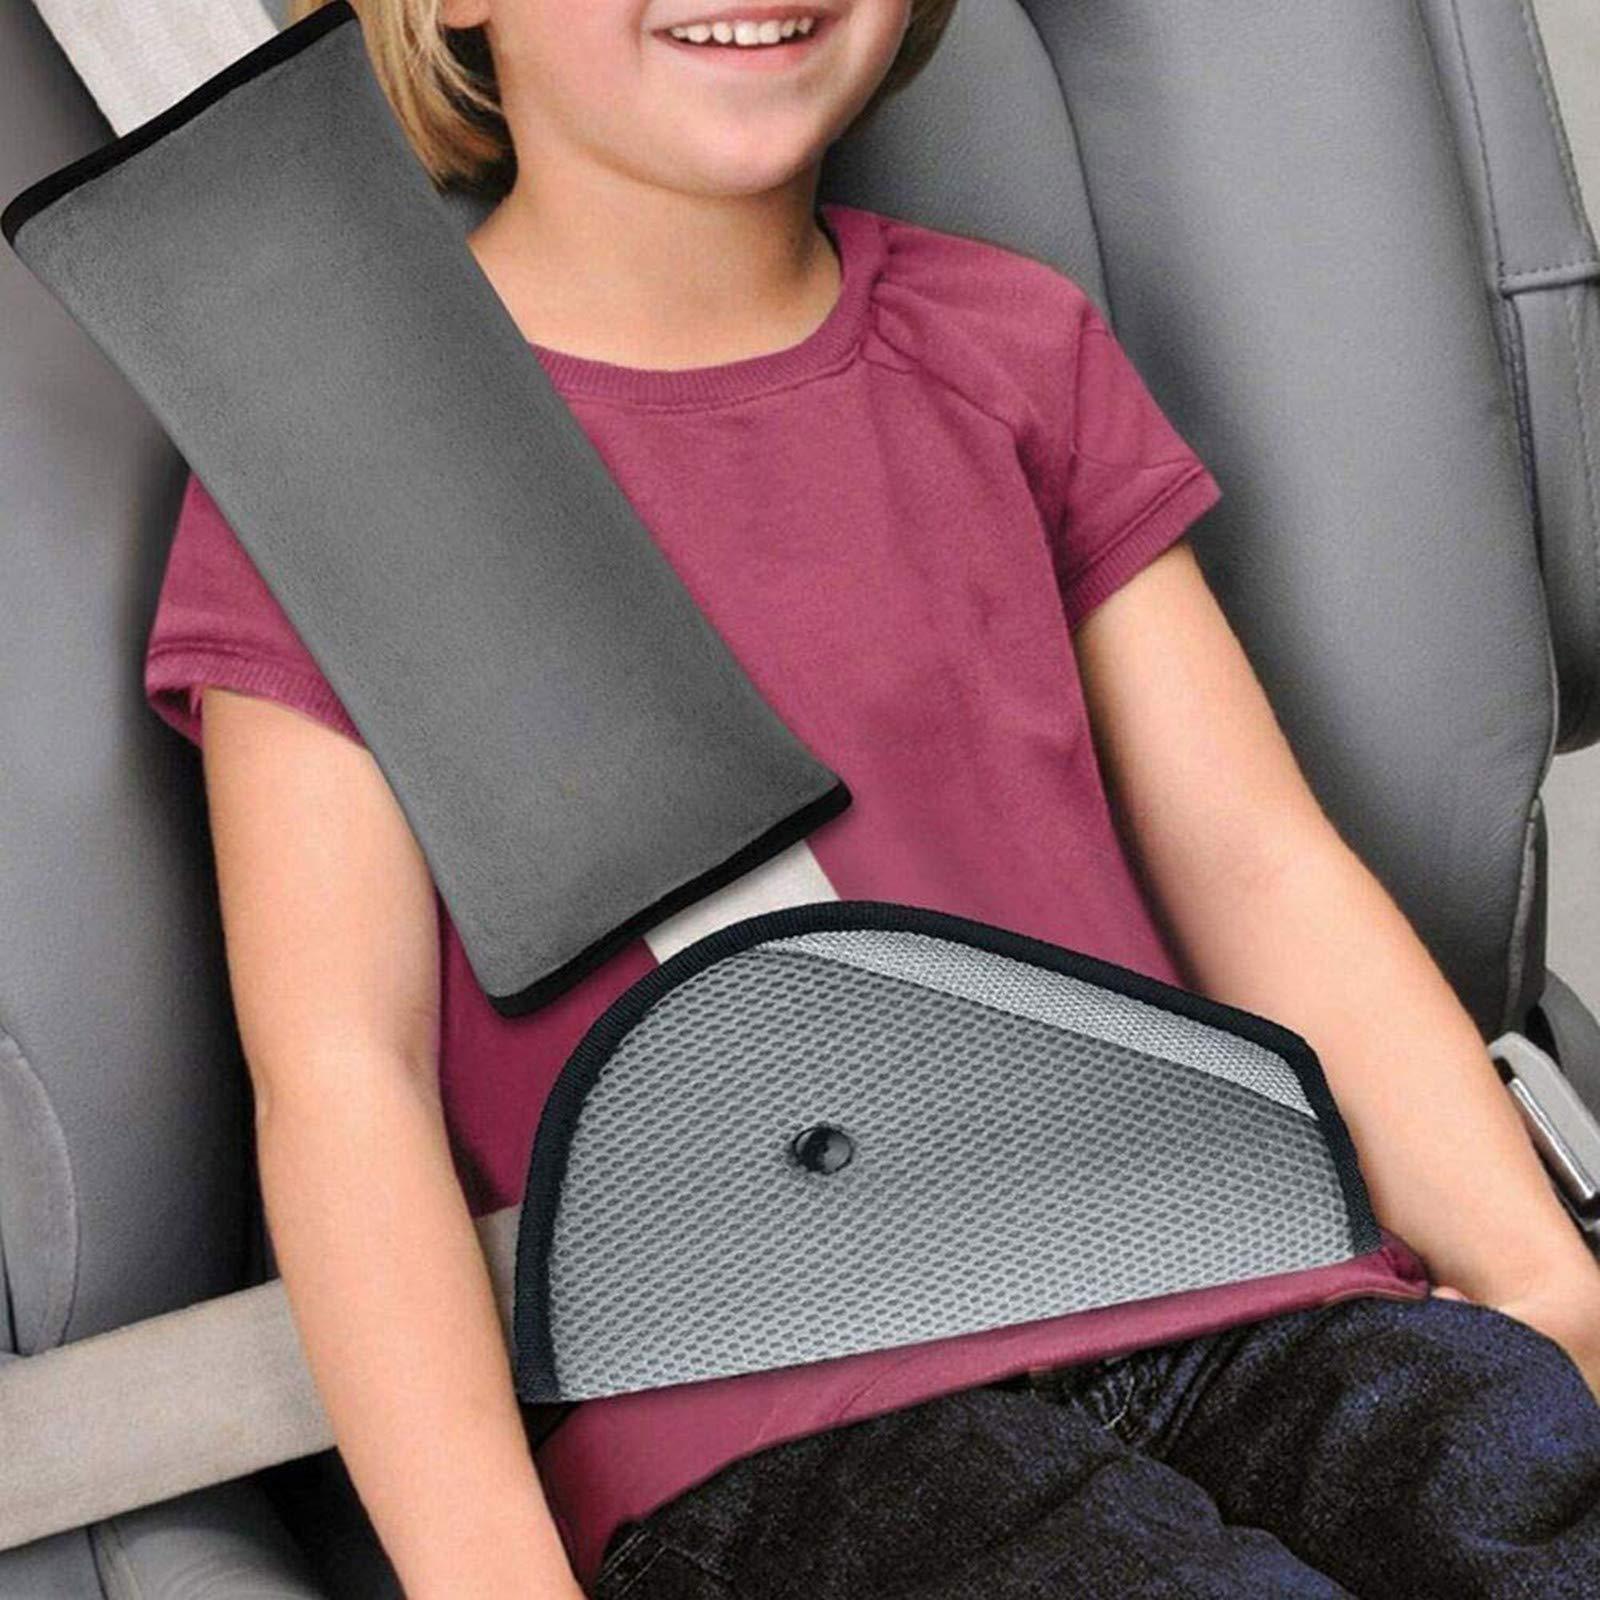 KKTICK Seat Belt Cover, Car Seatbelt Pillow for Kids, Safety Belt Strap Protector, Shoulder Adjuster Pad, for Children Baby Adult